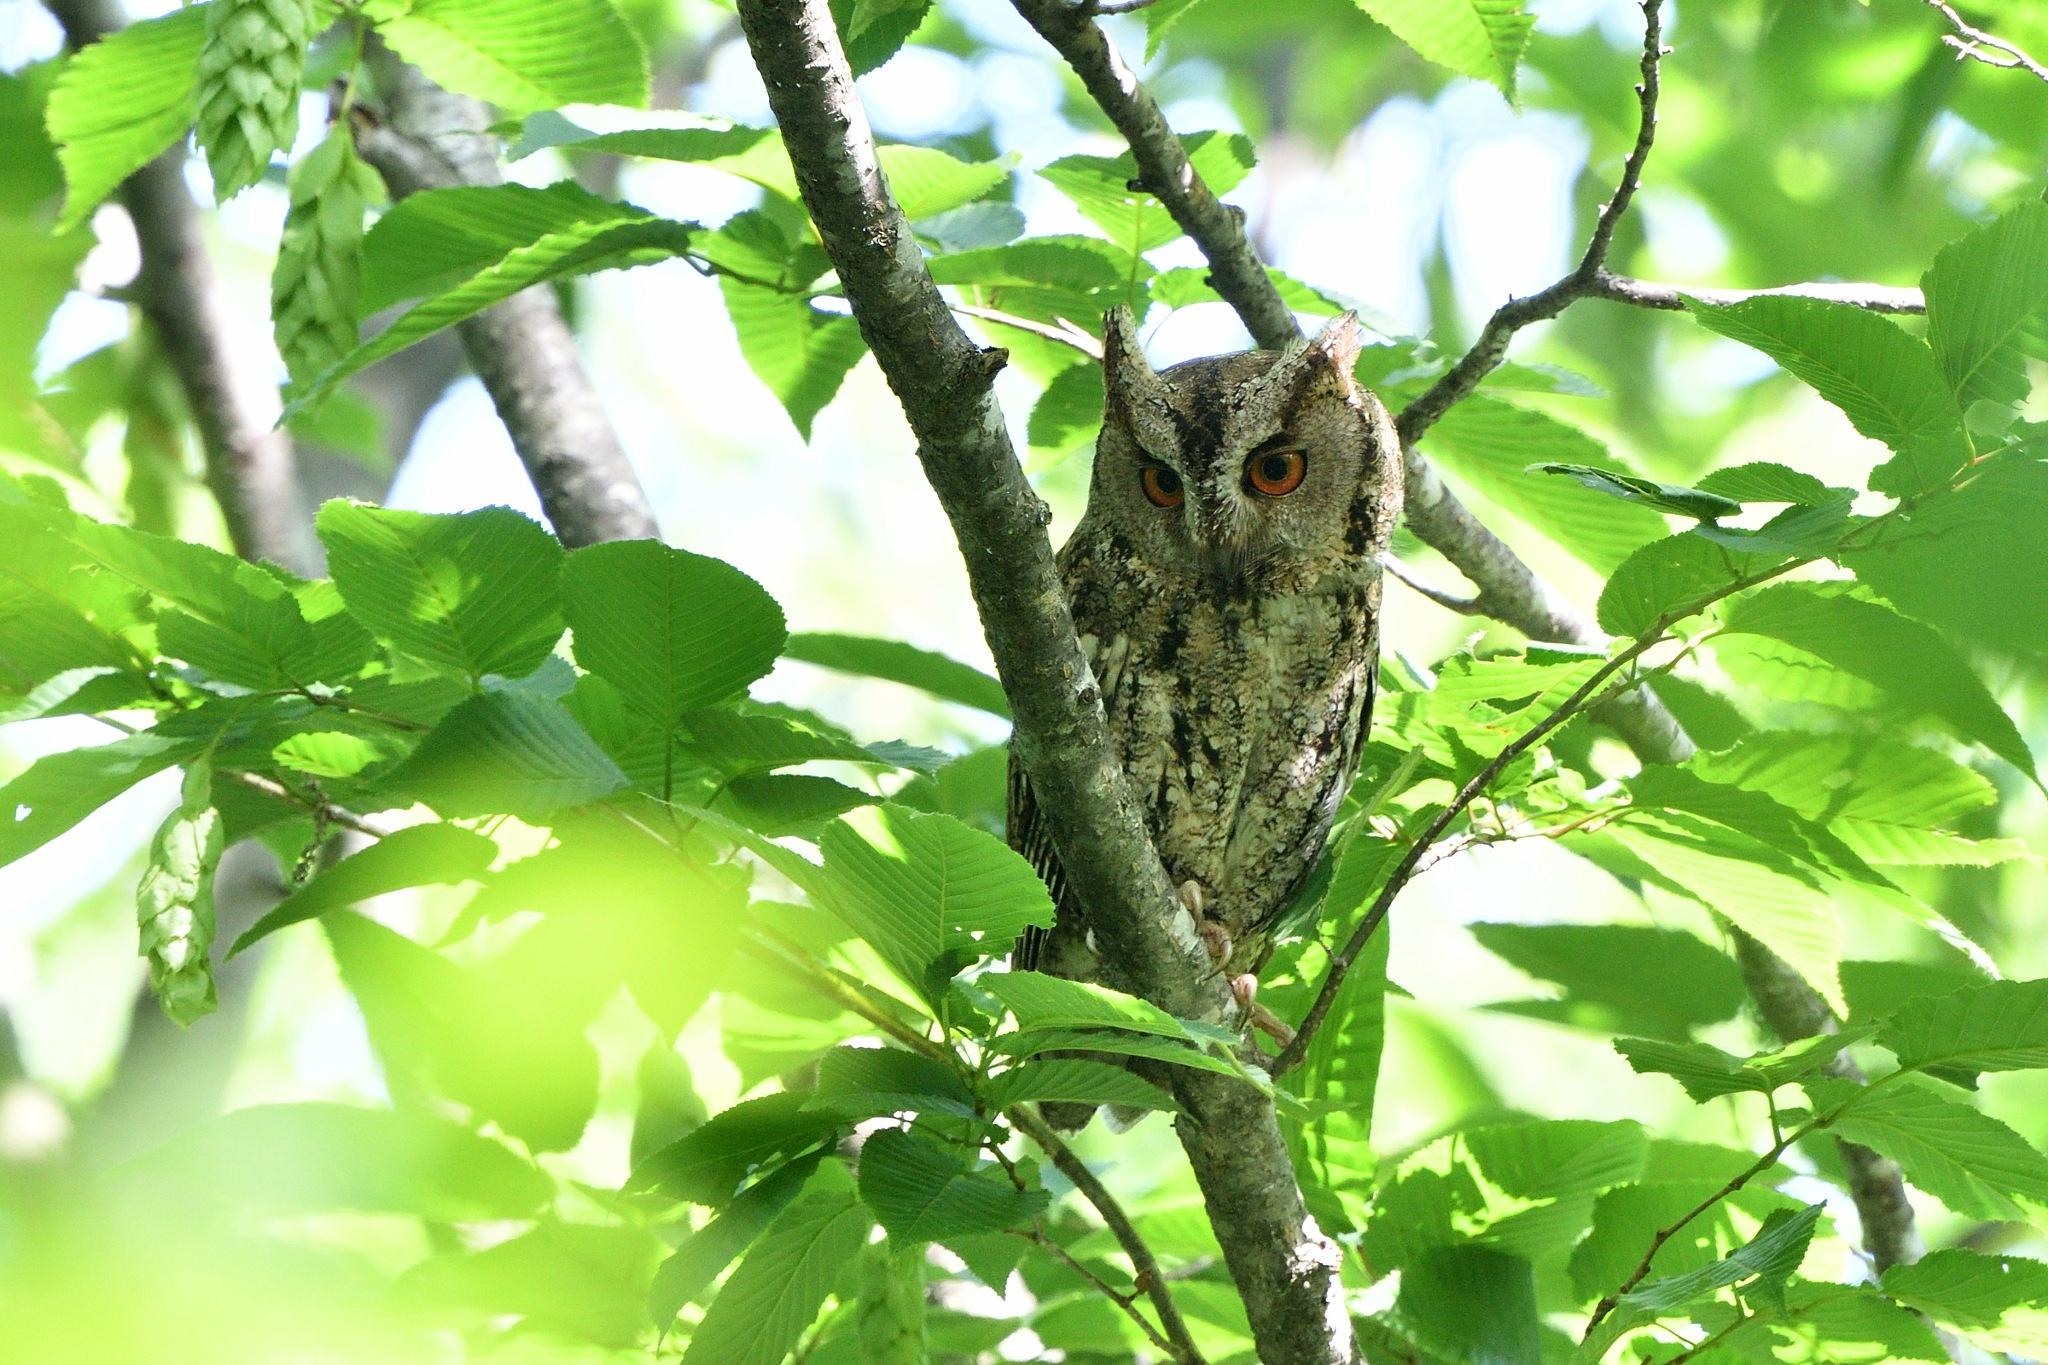 Sunda Scops Owl by Mubi.A